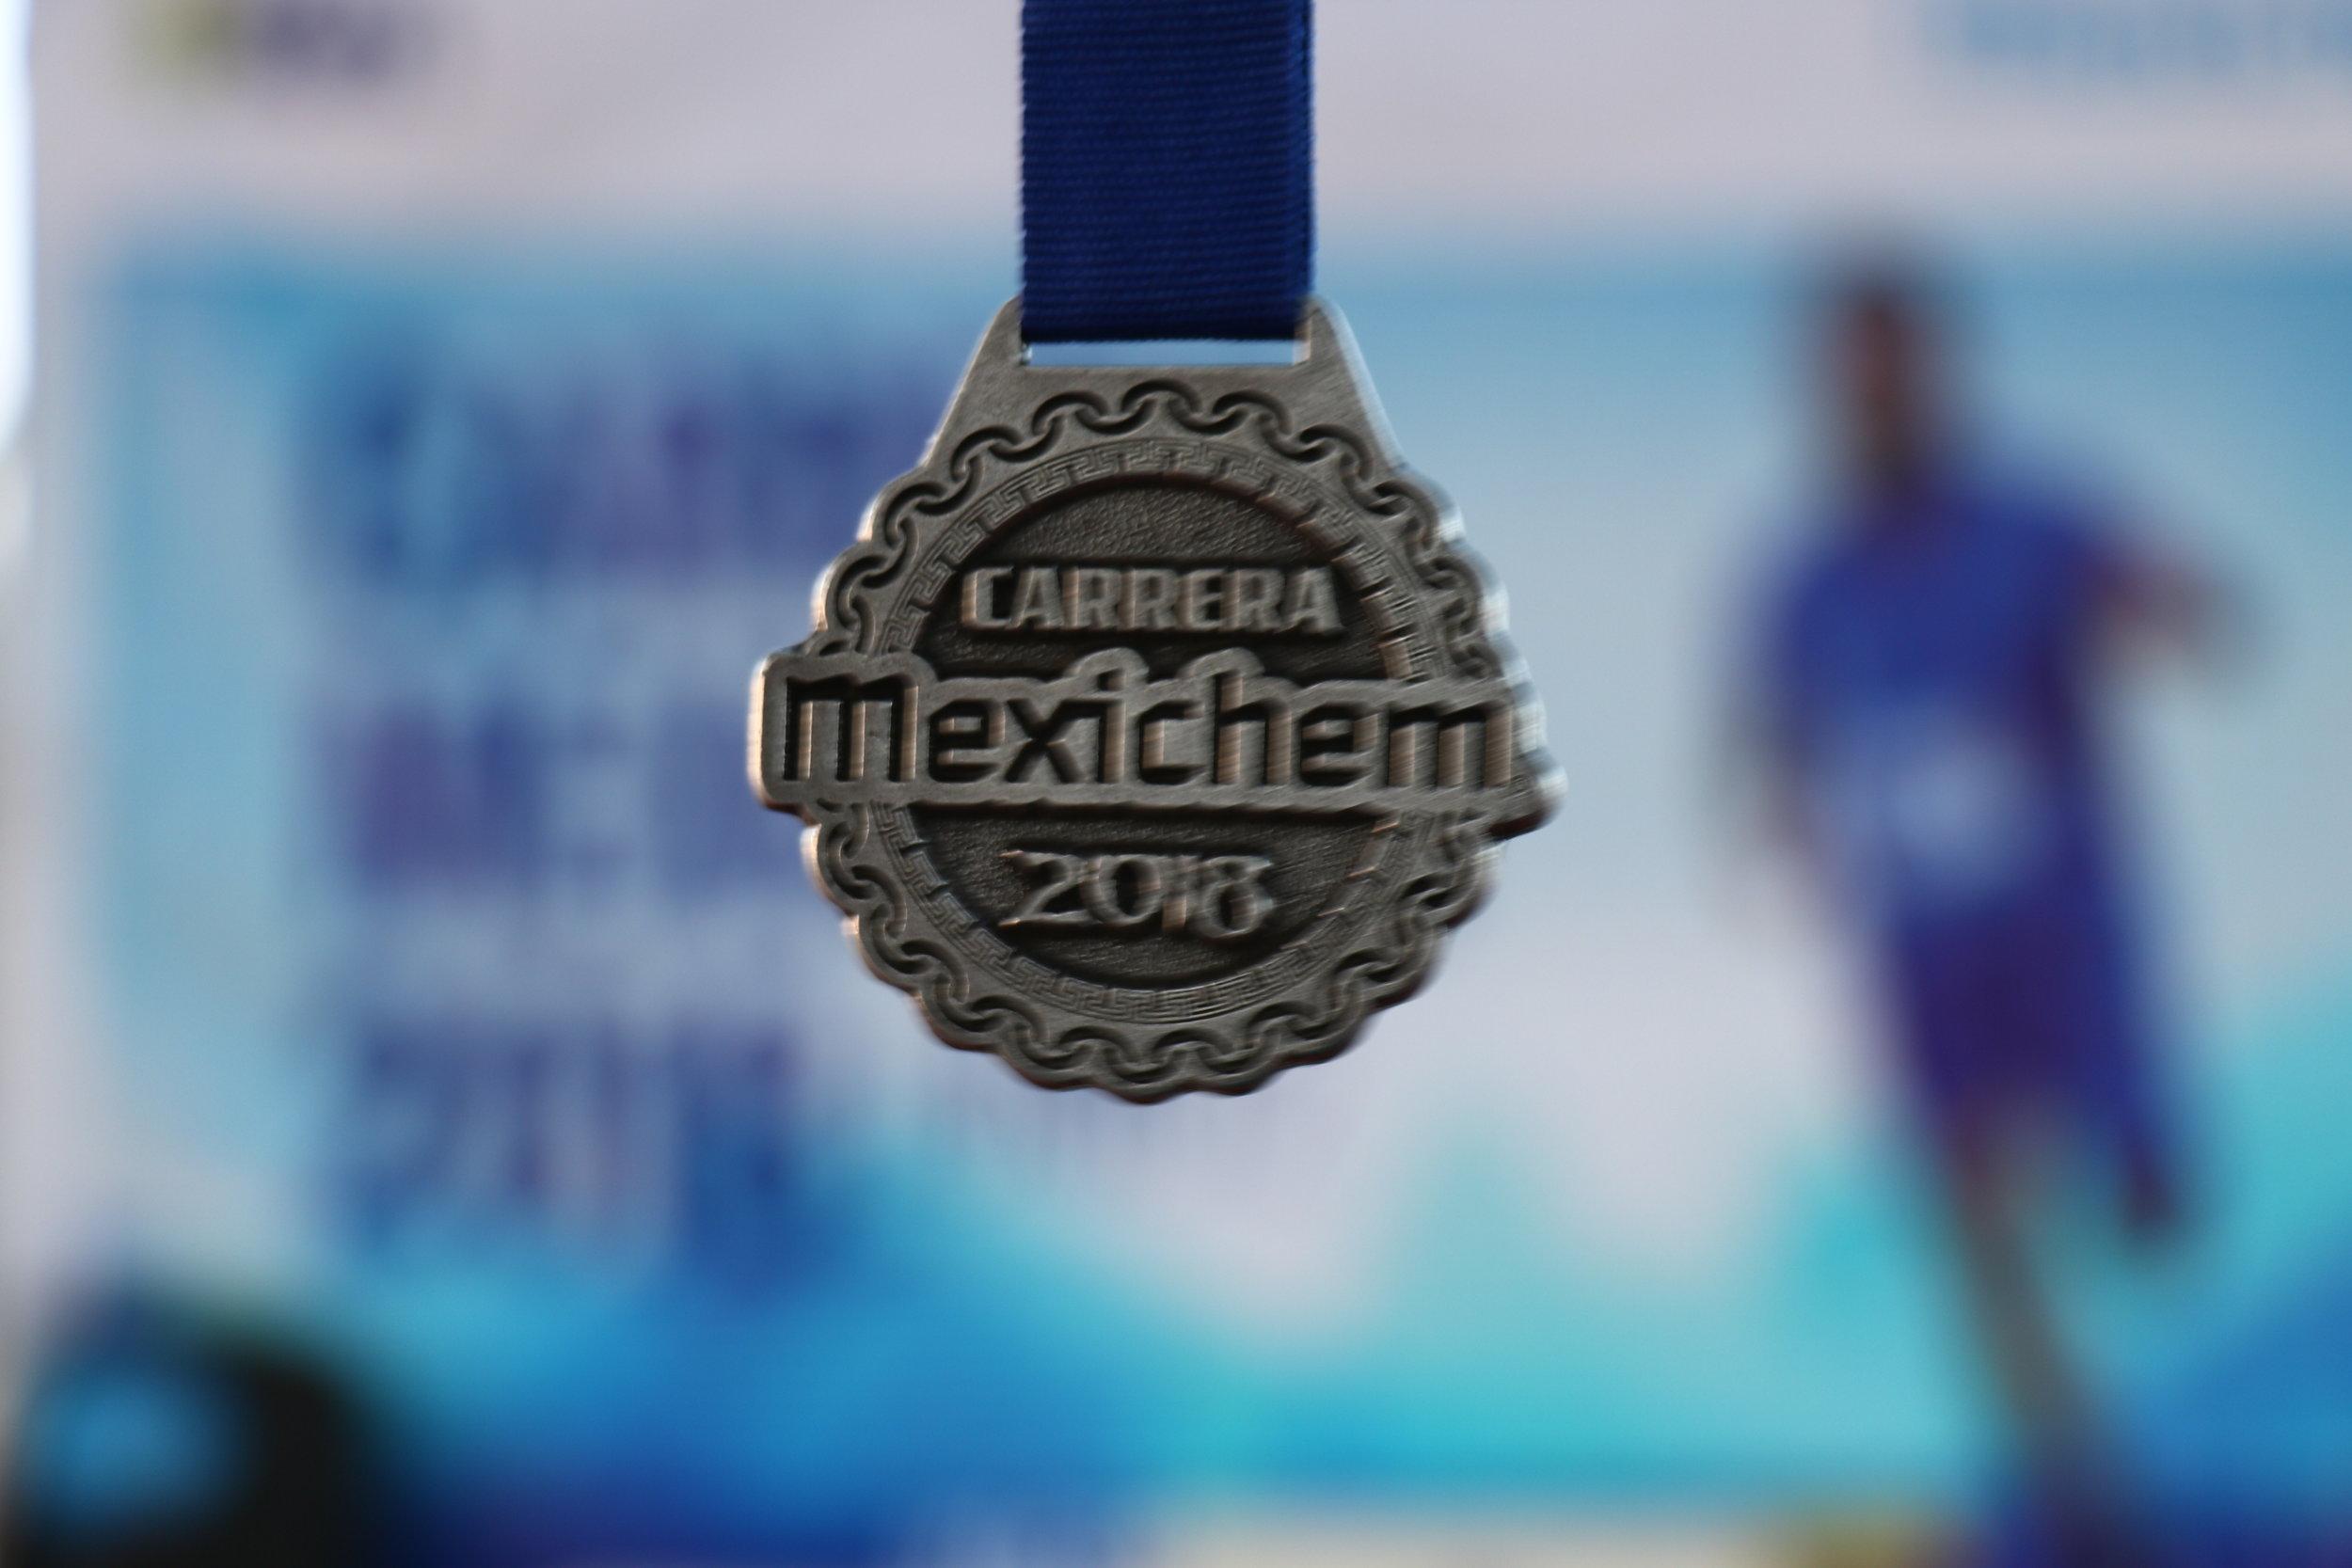 Copia de Carrera Mexichem 2018